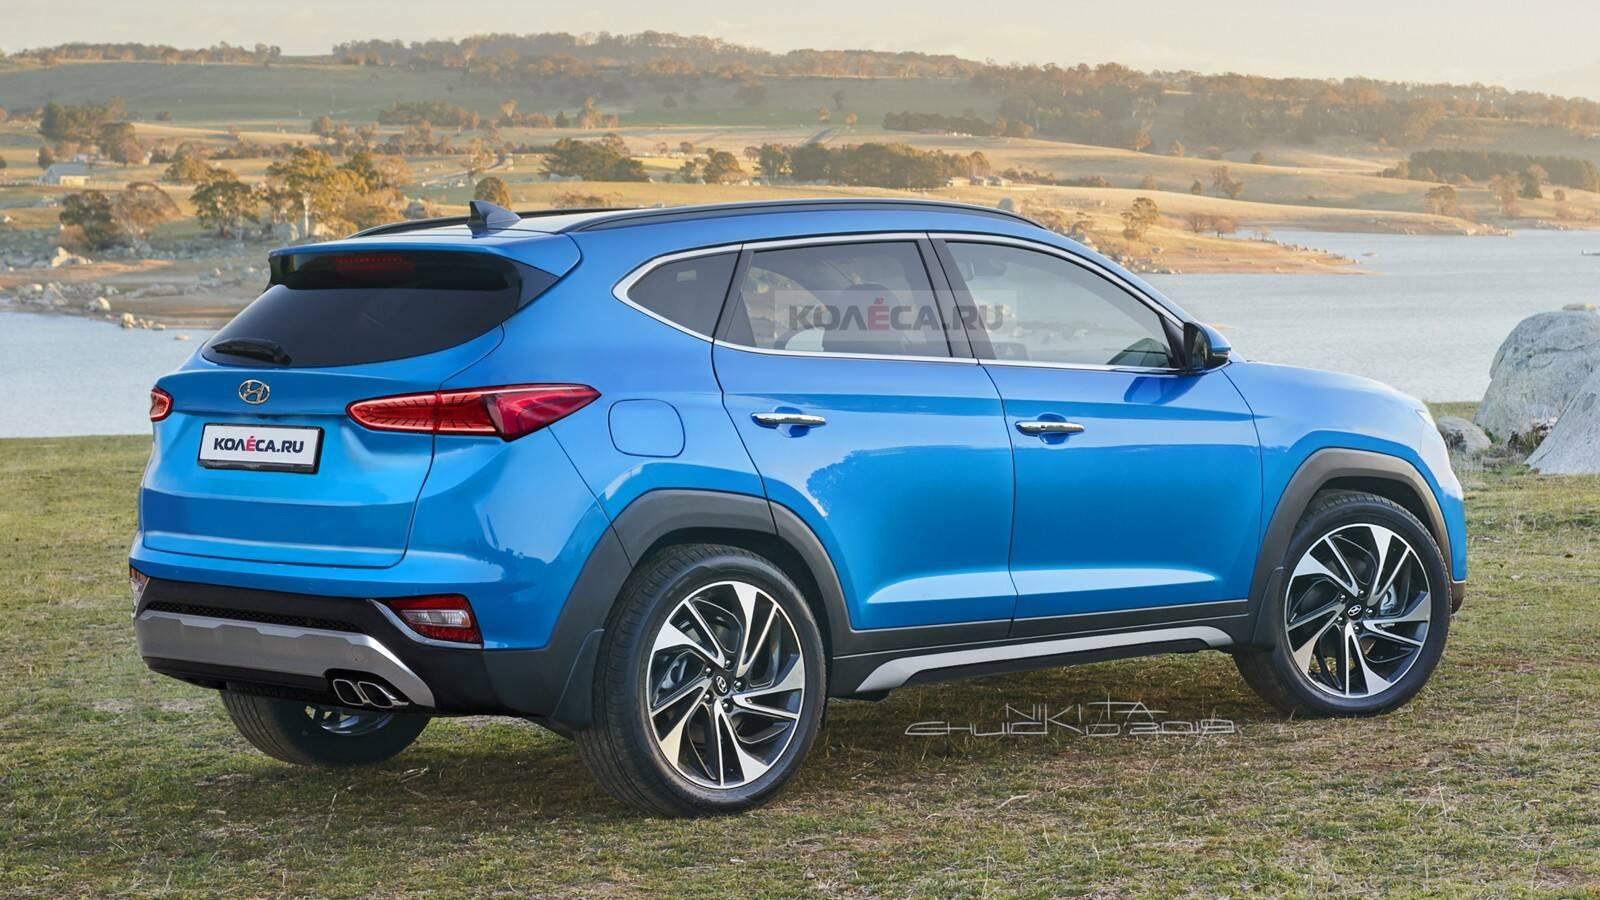 Novo Hyundai Tucson. Foto: Reprodução